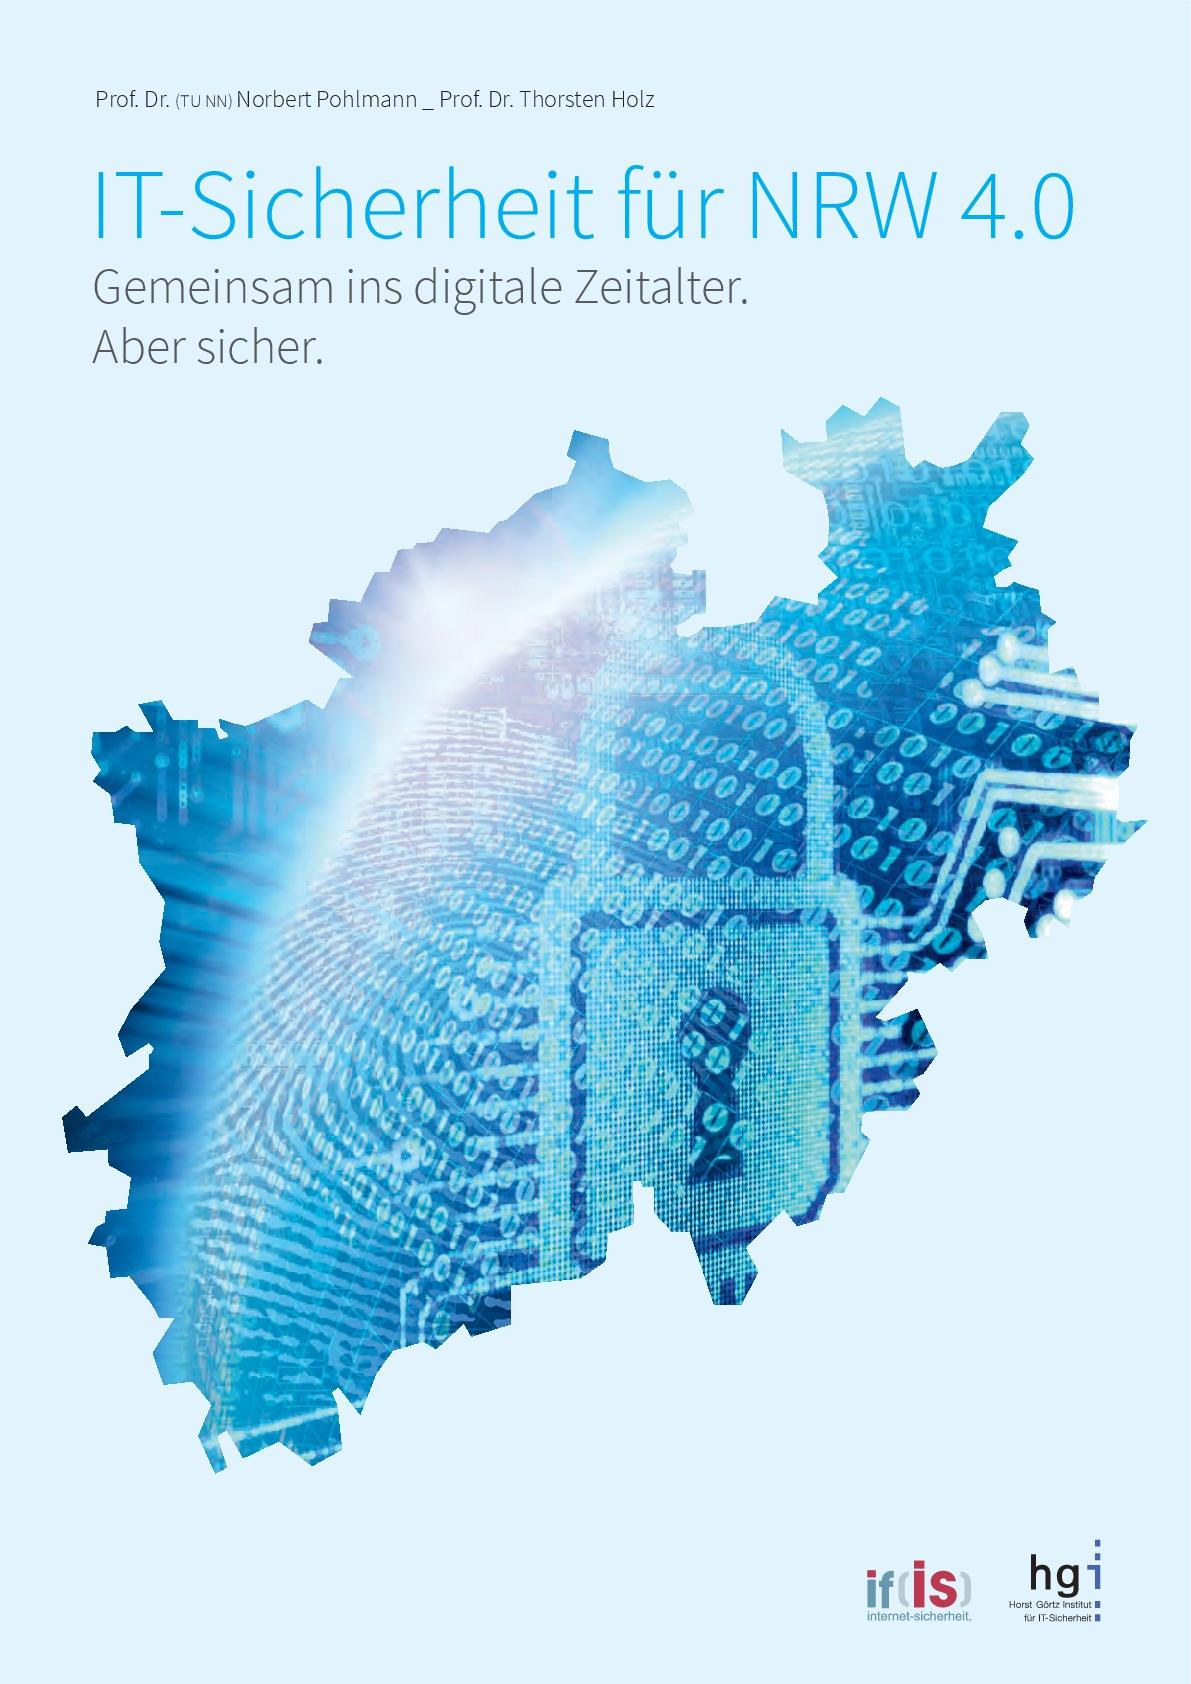 Strategiepapier IT-Sicherheit NRW - Prof. Norbert Pohlmann 2016-1-1-001